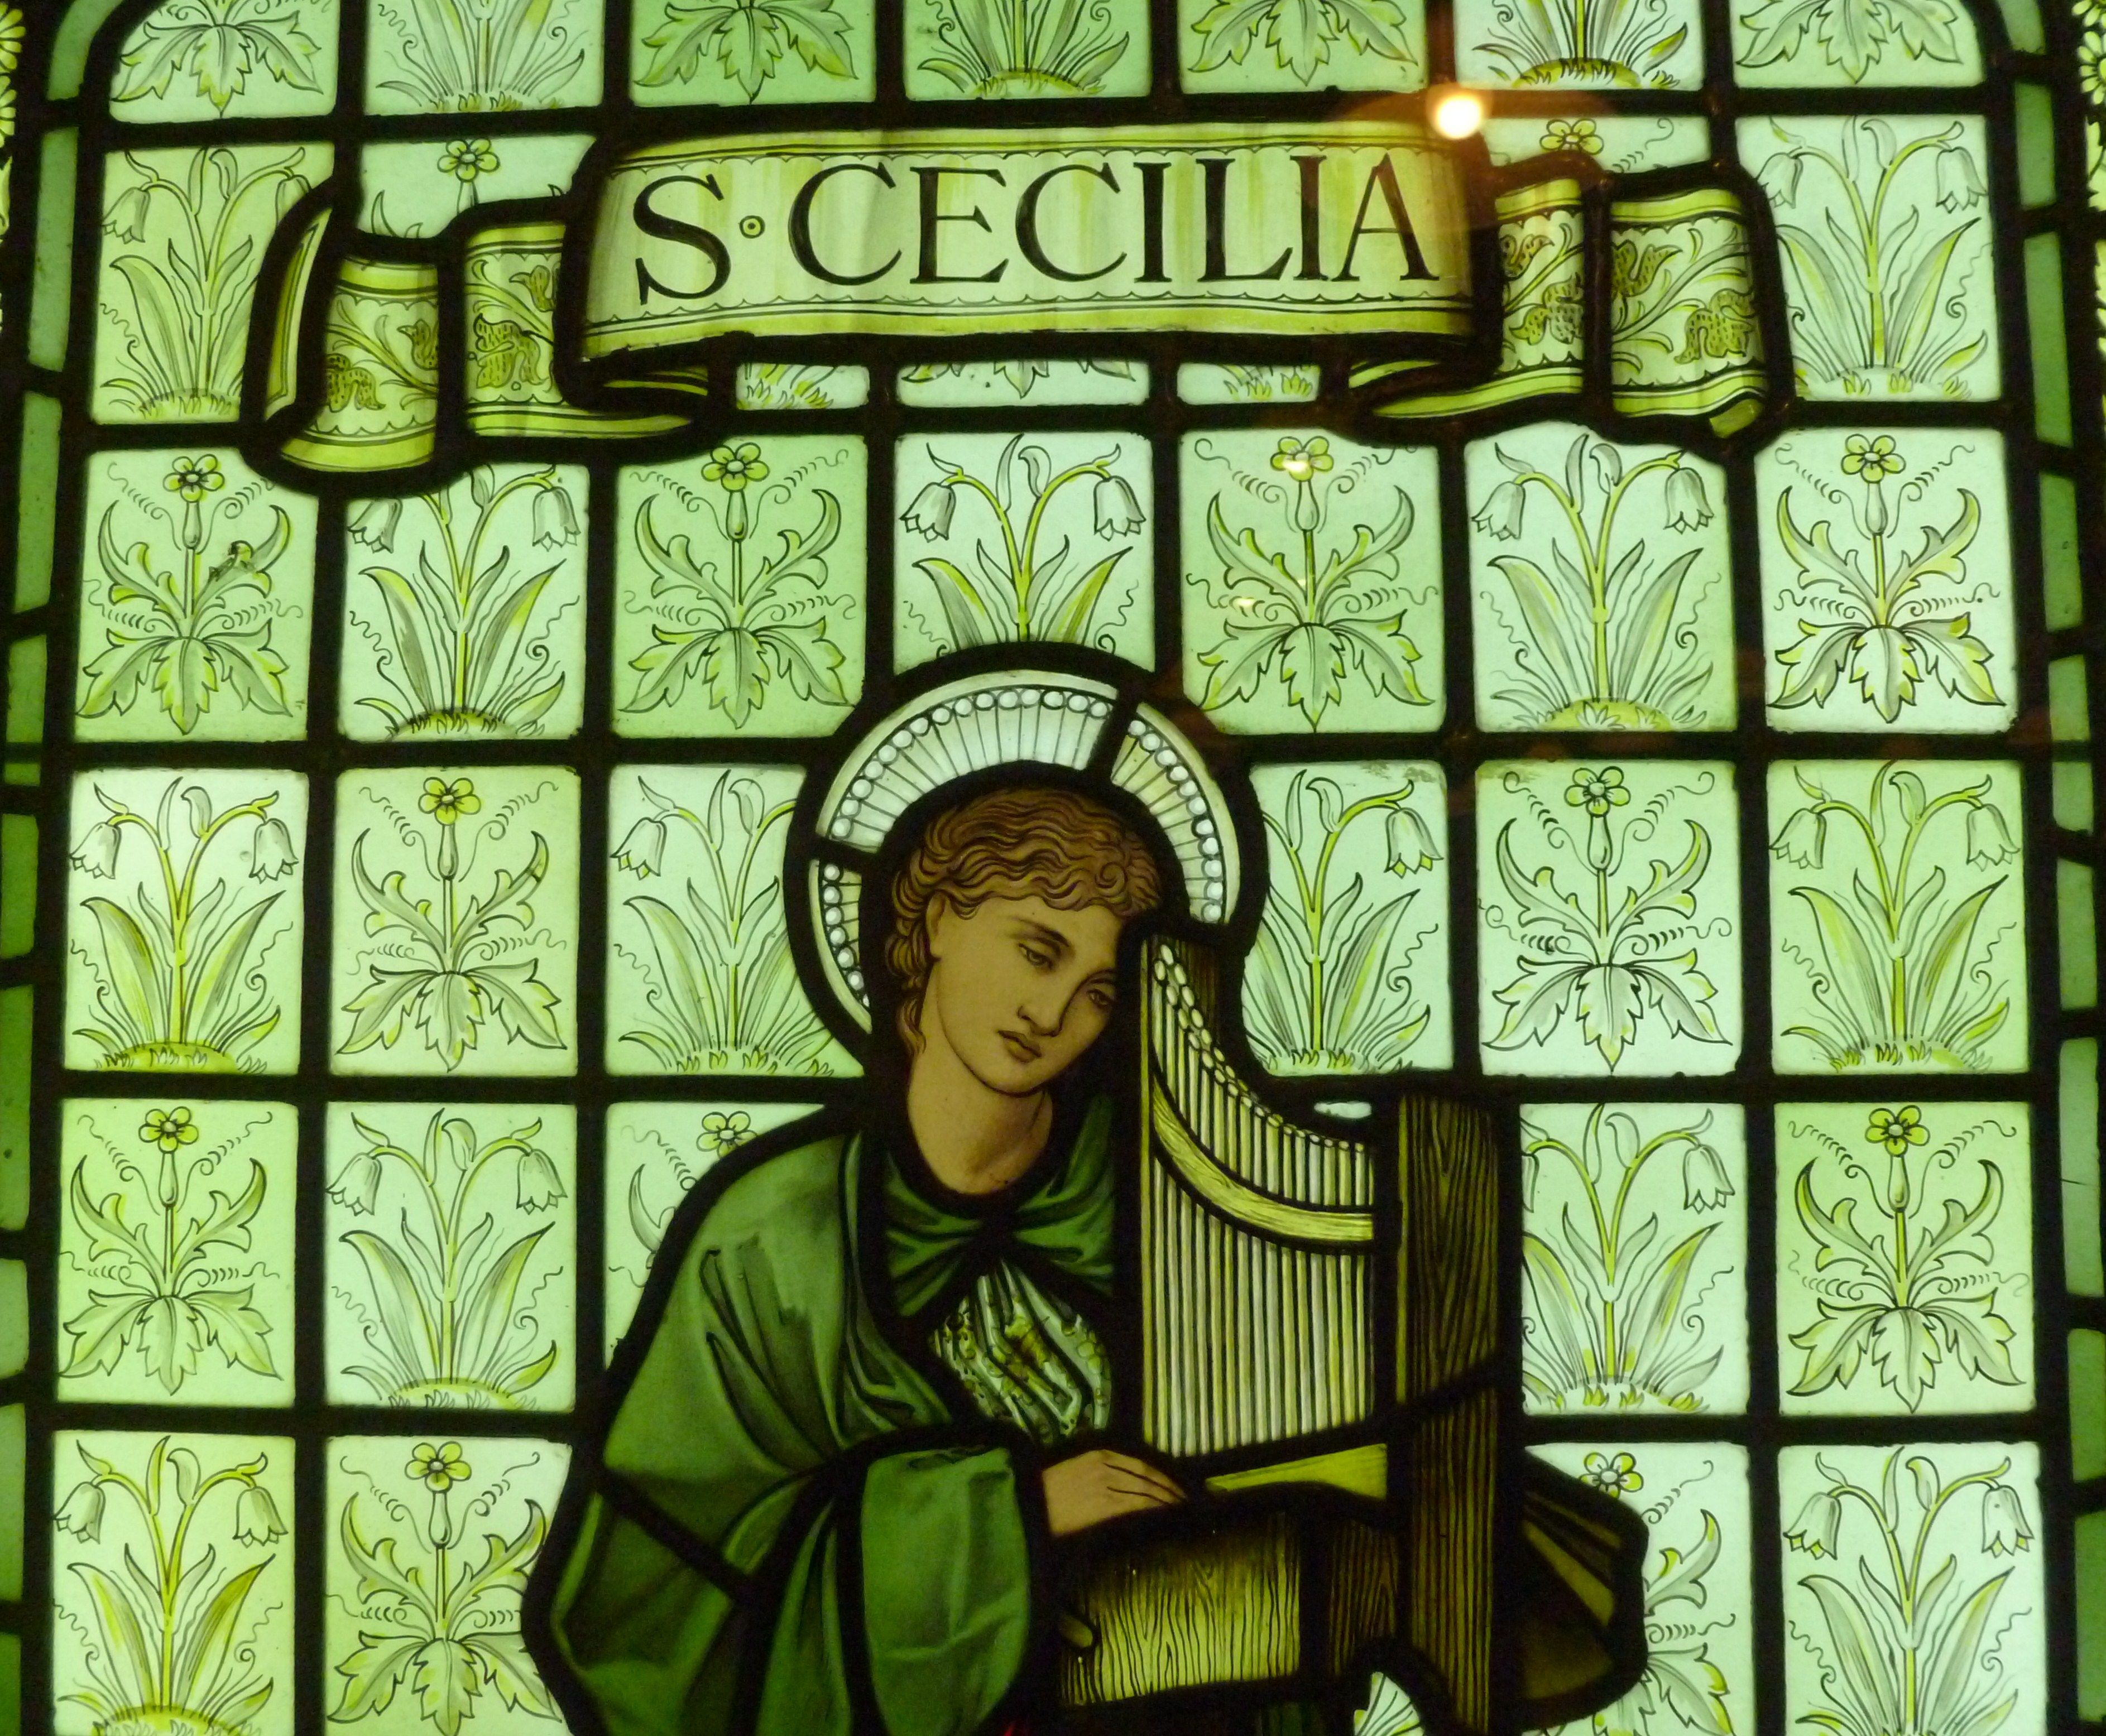 St Cecilia William Morris Gallery Artwork Art William Morris